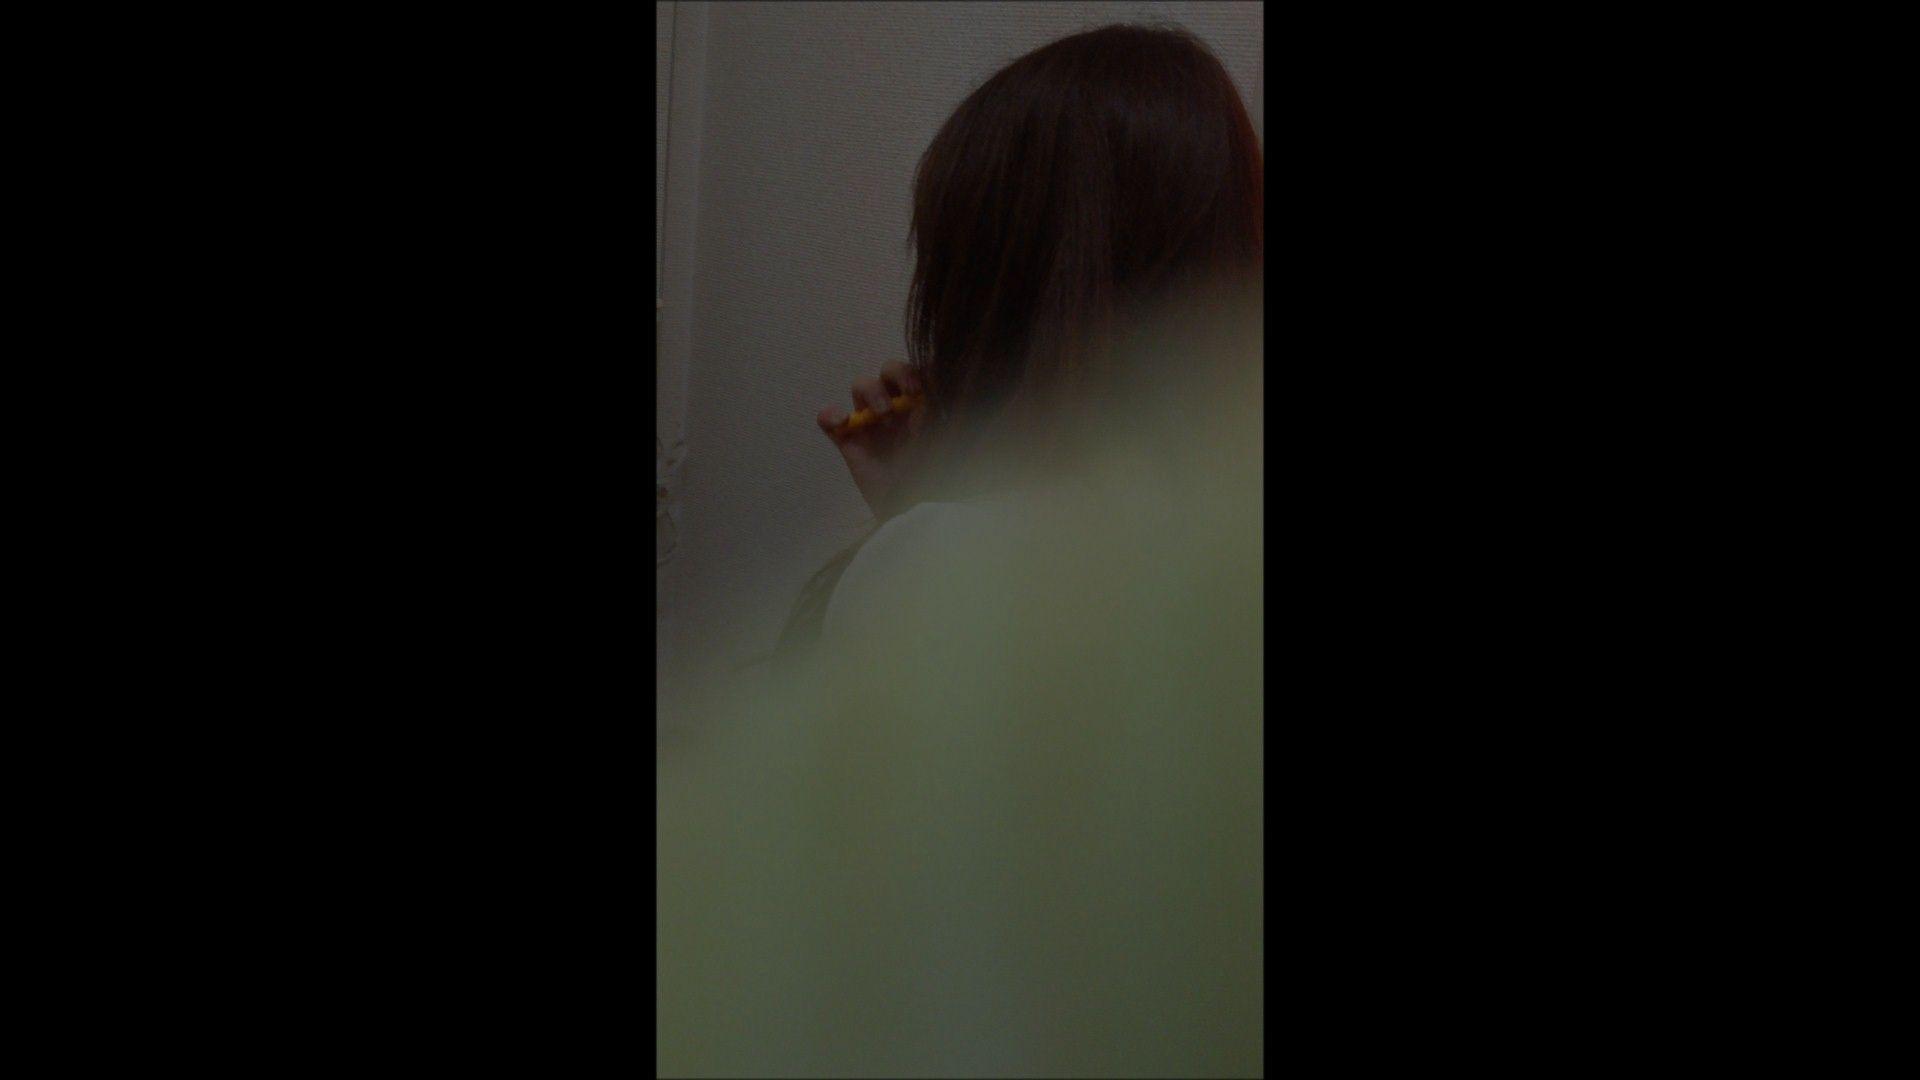 エッチ 熟女|08(8日目)メイク中の彼女の顔を撮りました!|大奥